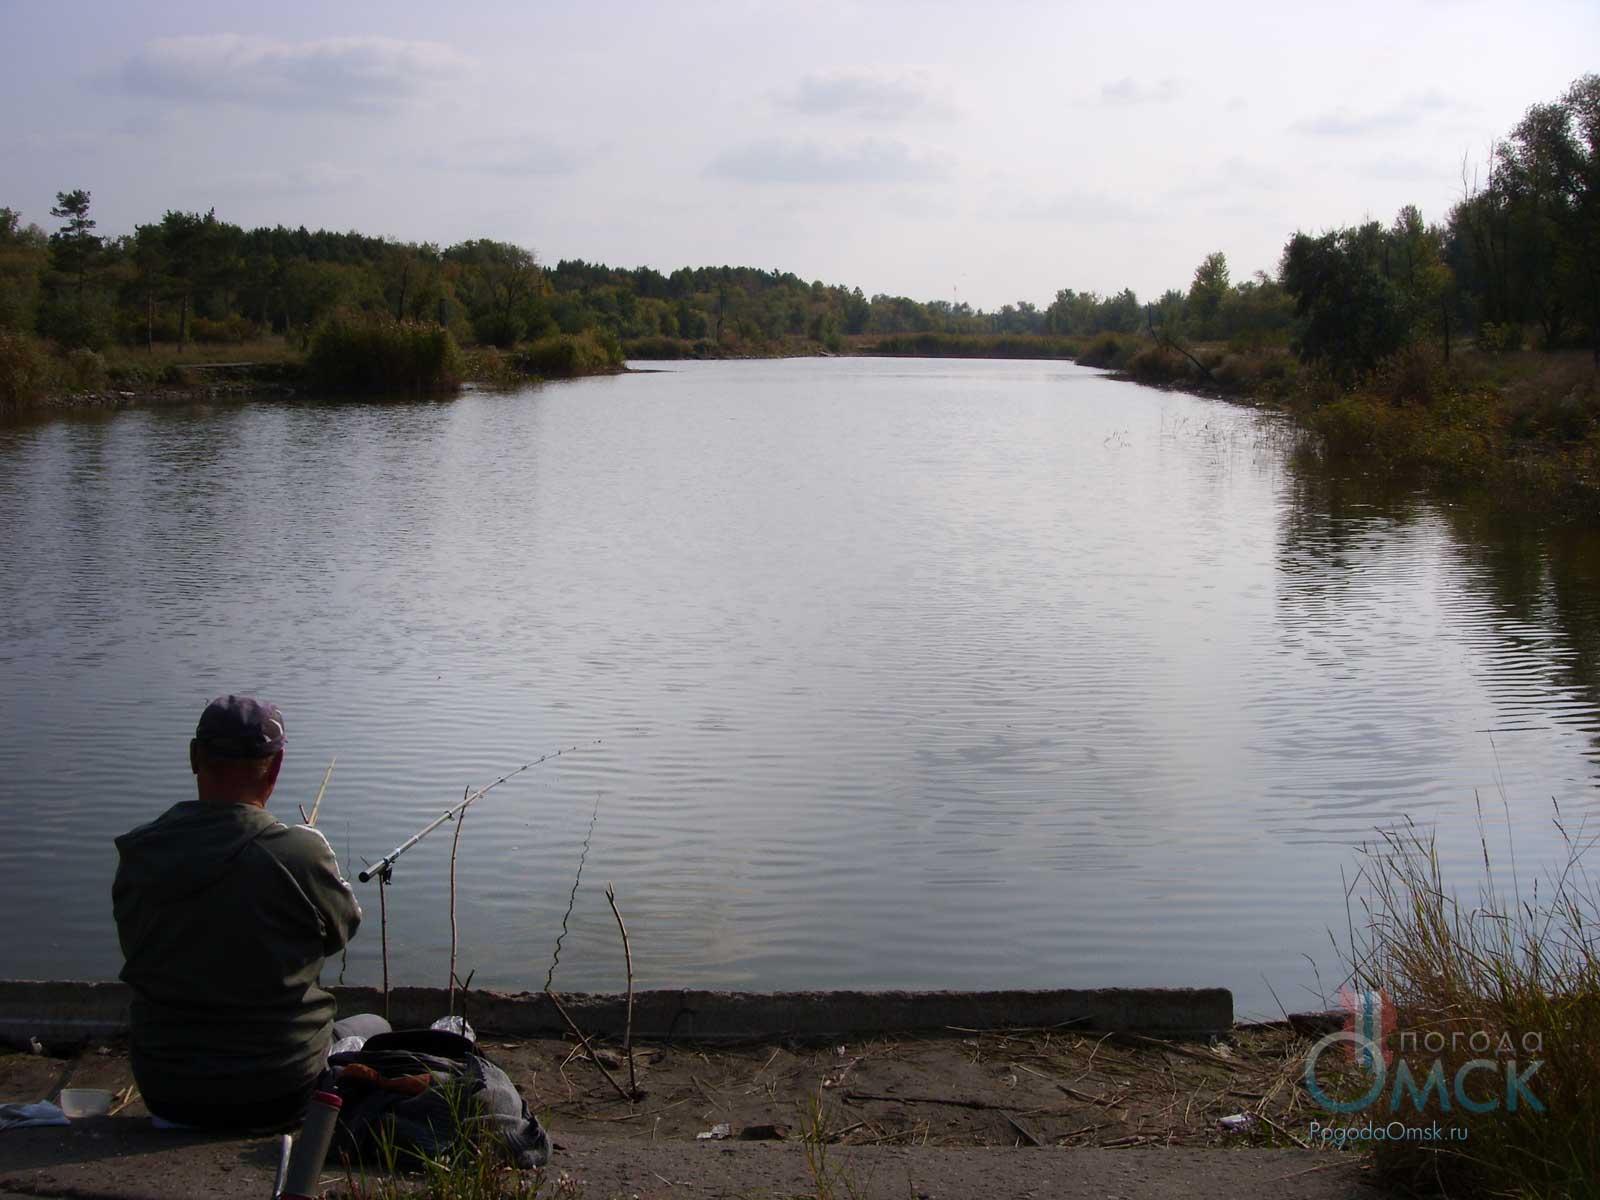 Рыбак на берегу пруда